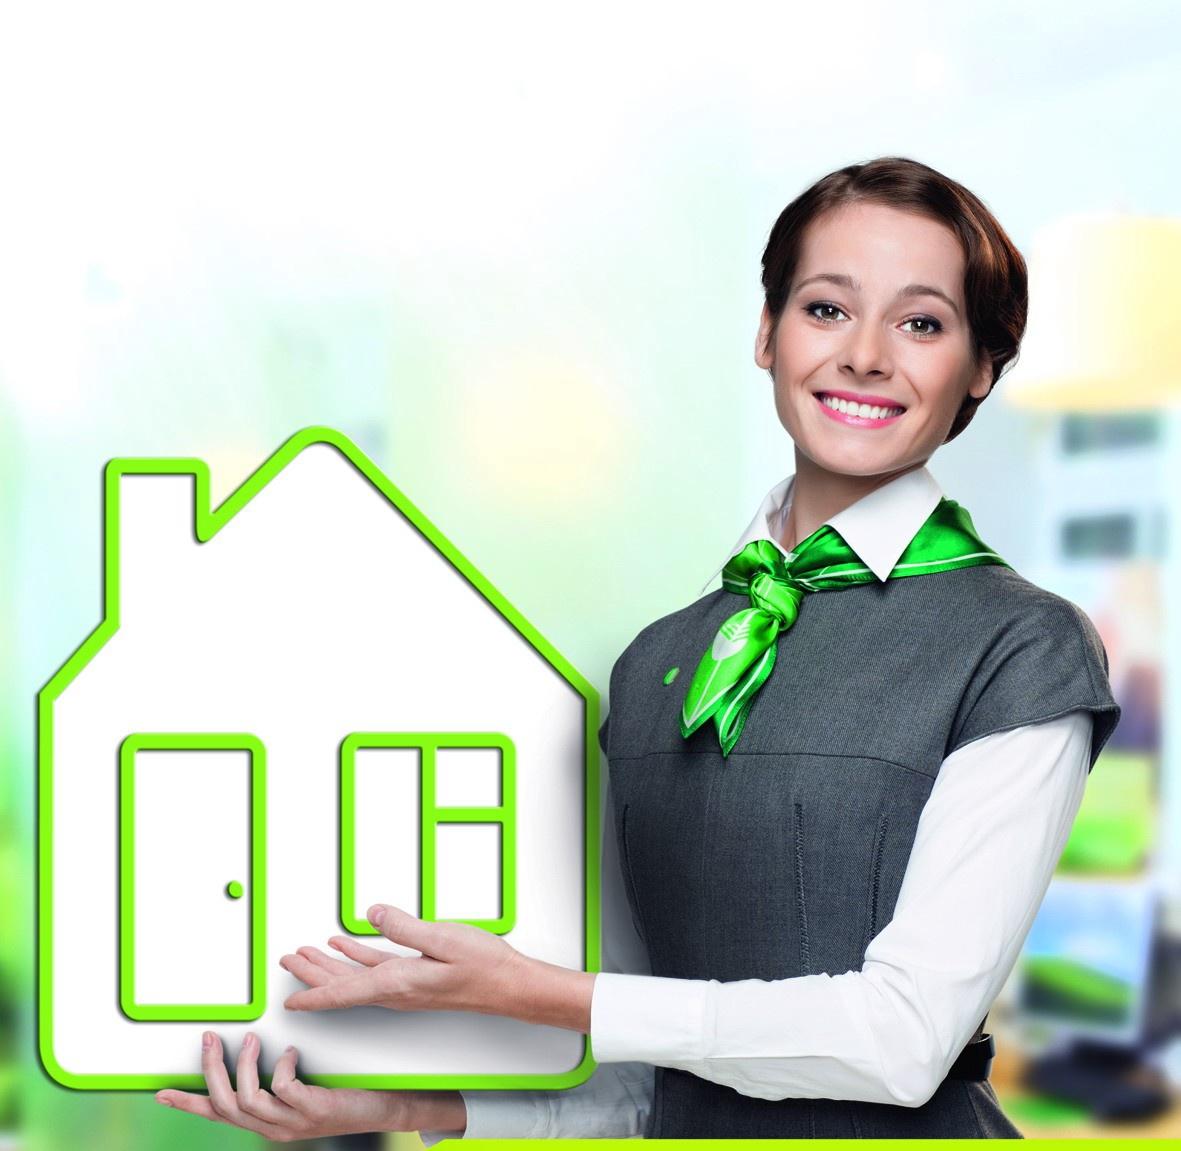 сбербанк онлайн ипотека кредитный калькулятор вторичное жилье недорого